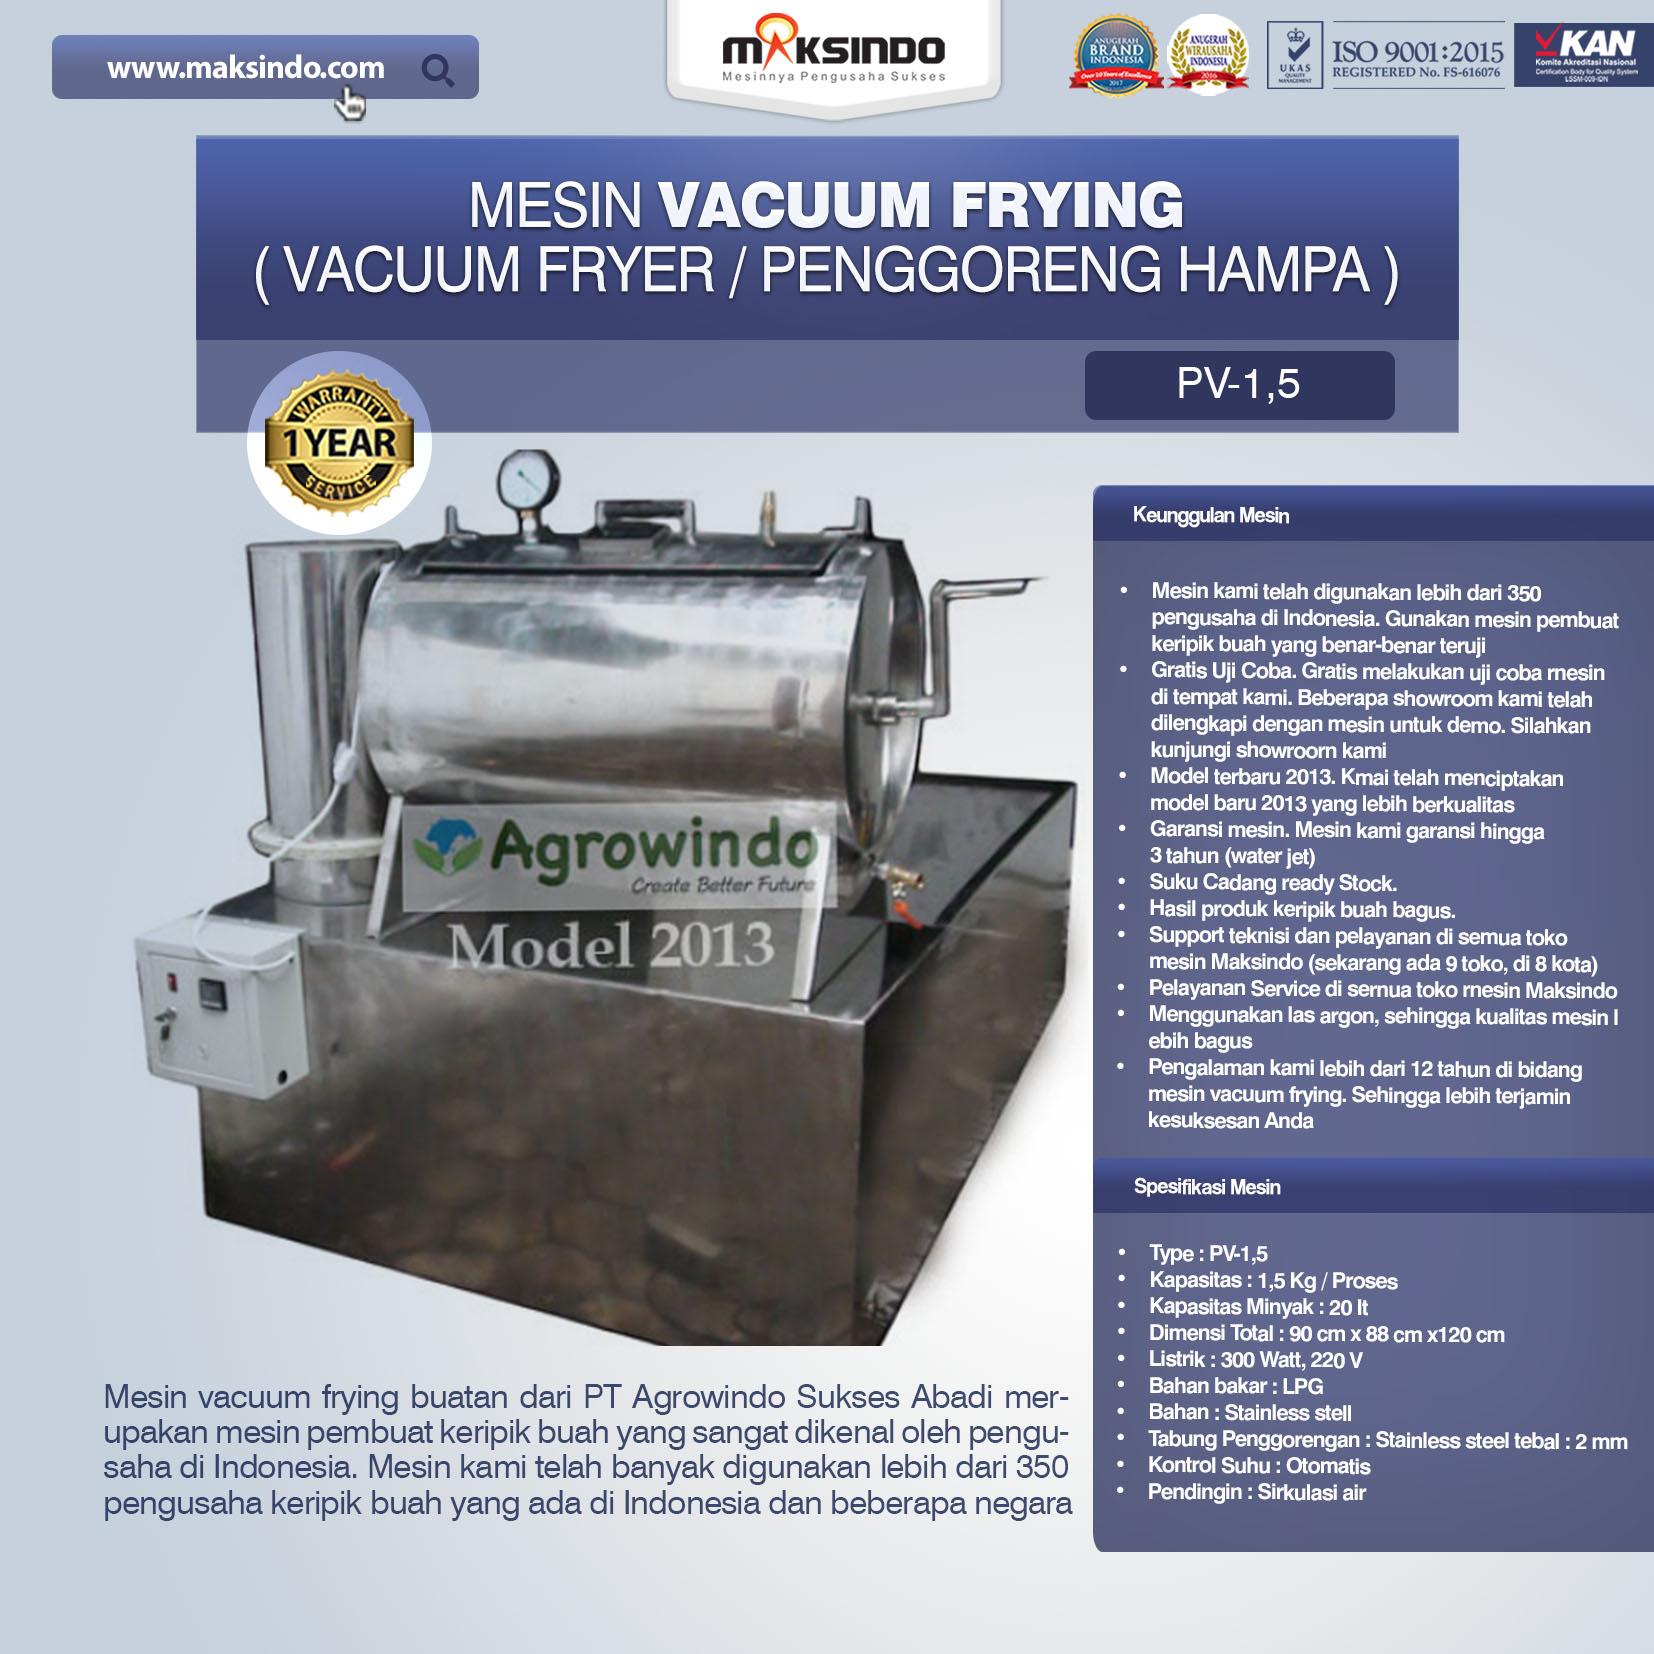 Jual Mesin Vacuum Frying Kapasitas 1.5 kg di Palembang